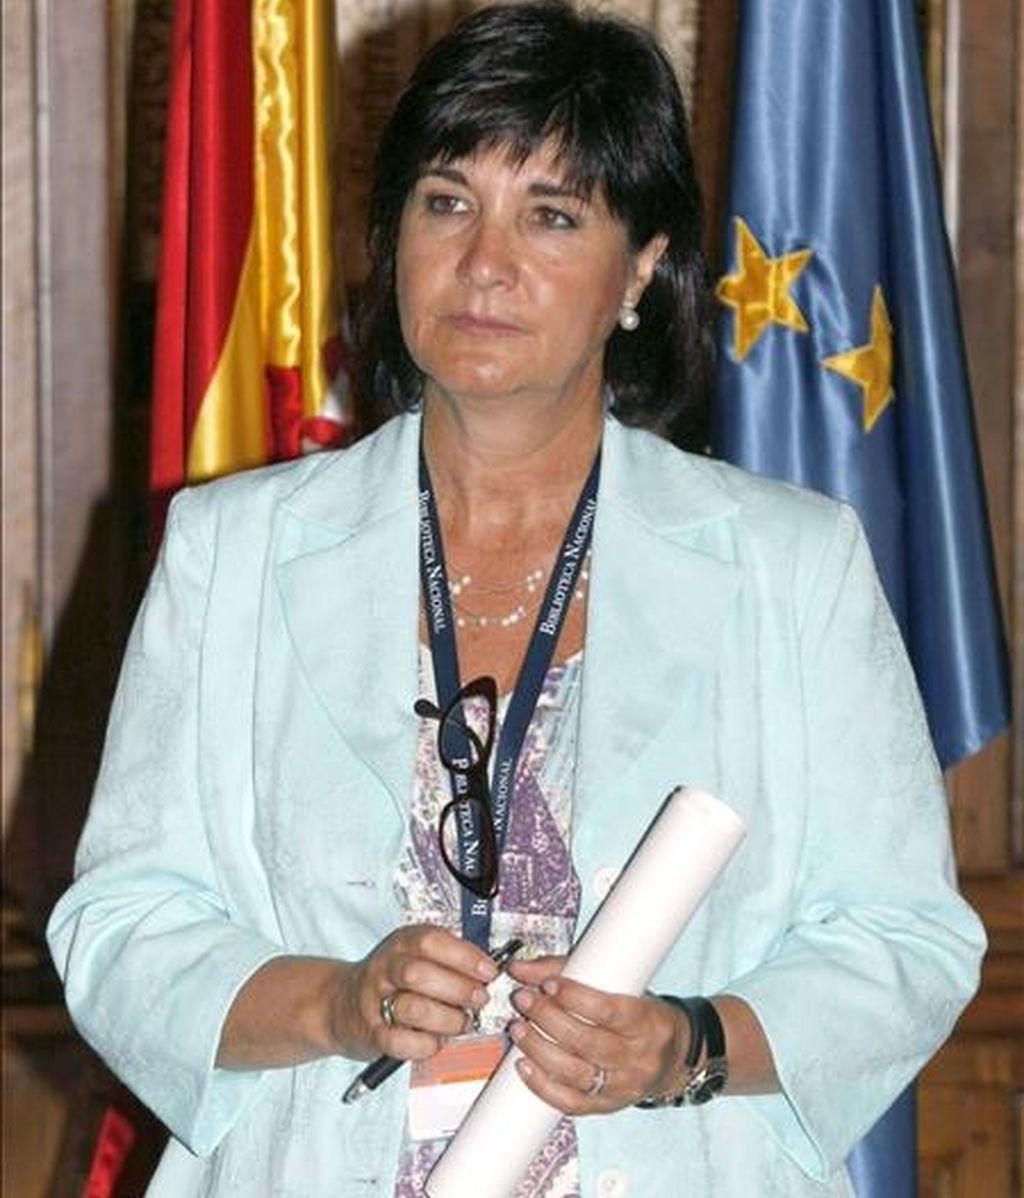 Gloria Pérez-Salmerón, durante su presentación como nueva directora de la Biblioteca Nacional, y cuyo nombramiento se ha producido con el respaldo unánime del Patronato de esta institución. EFE